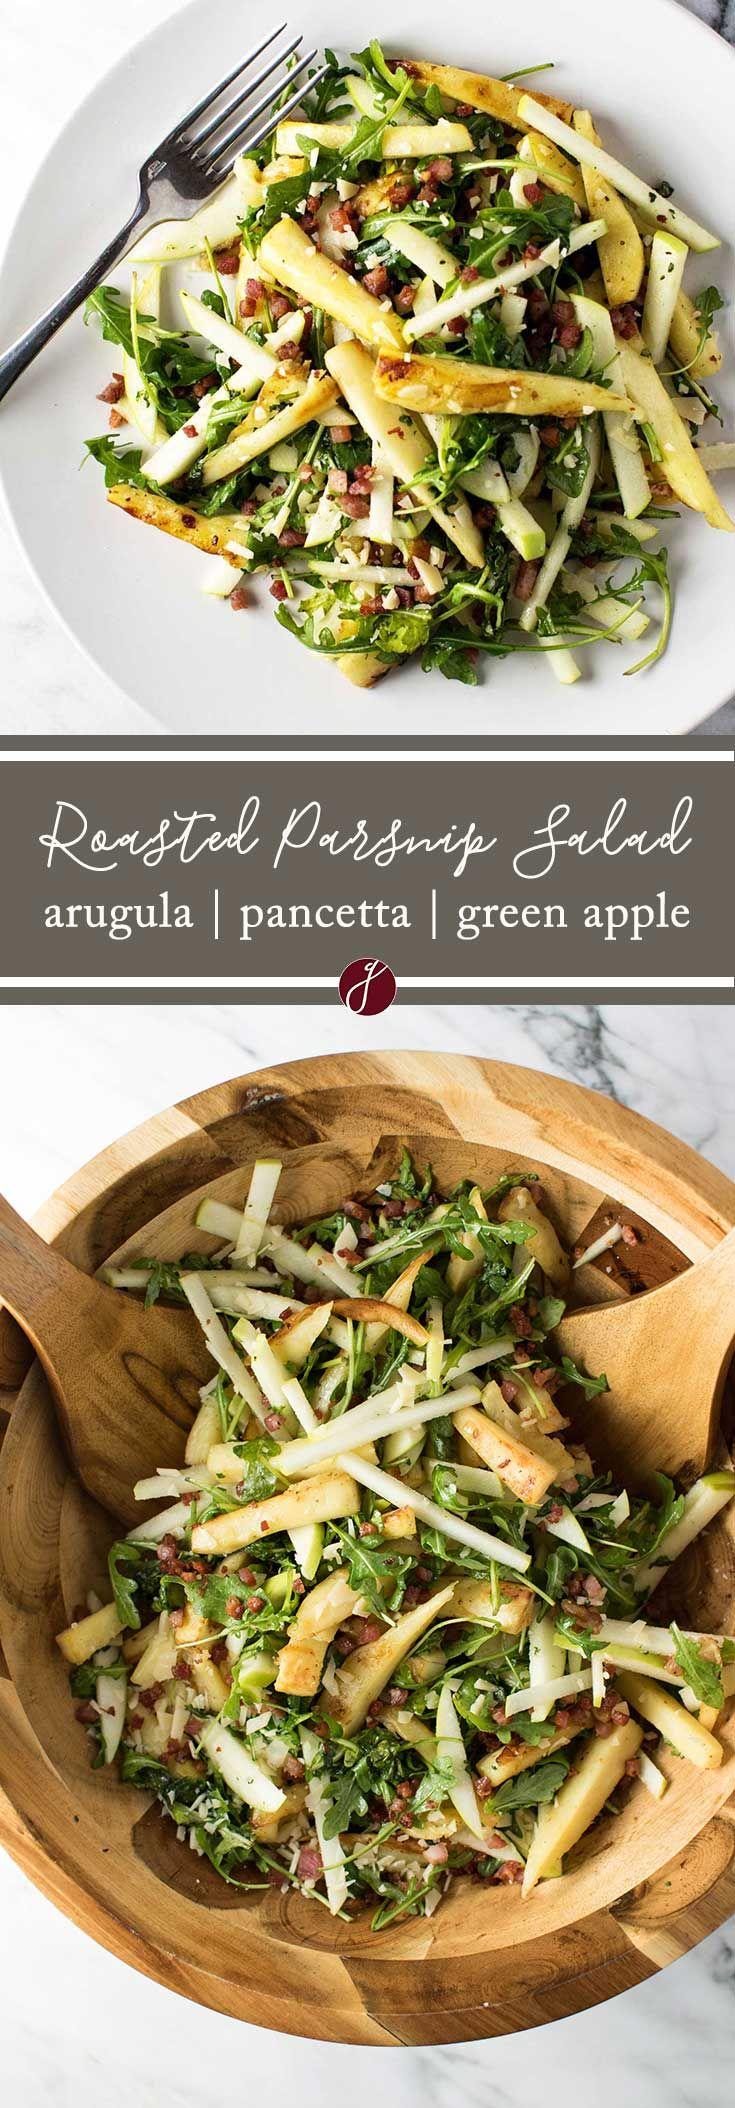 Roasted Parsnip Salad via @april7116